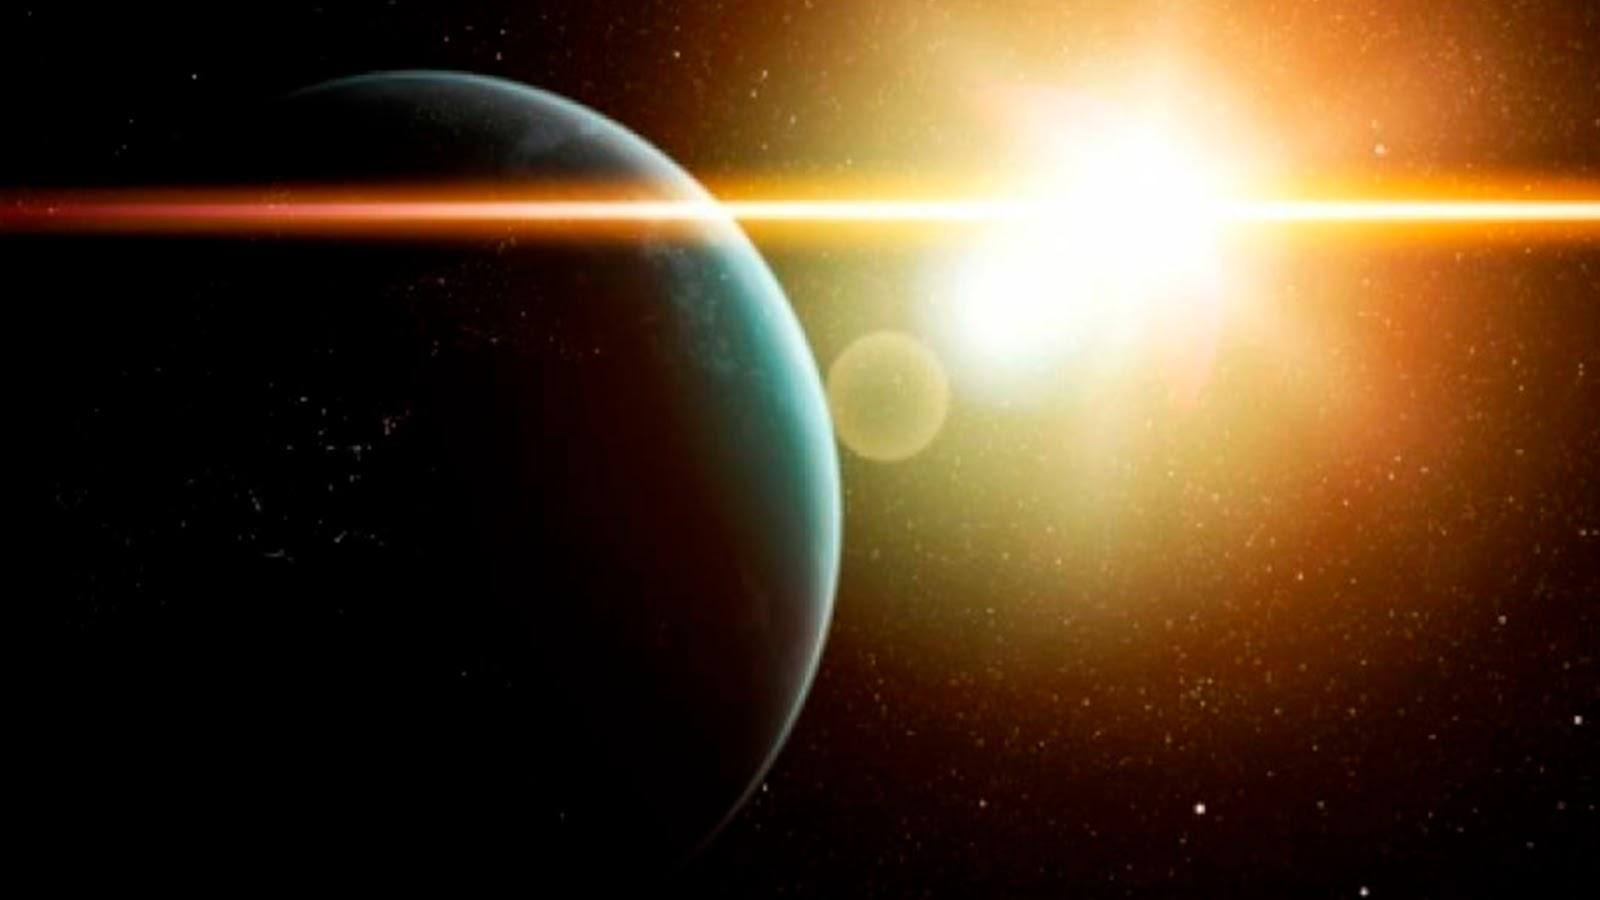 Nos quedan 31 años de vida en la Tierra, según informe de la ONU